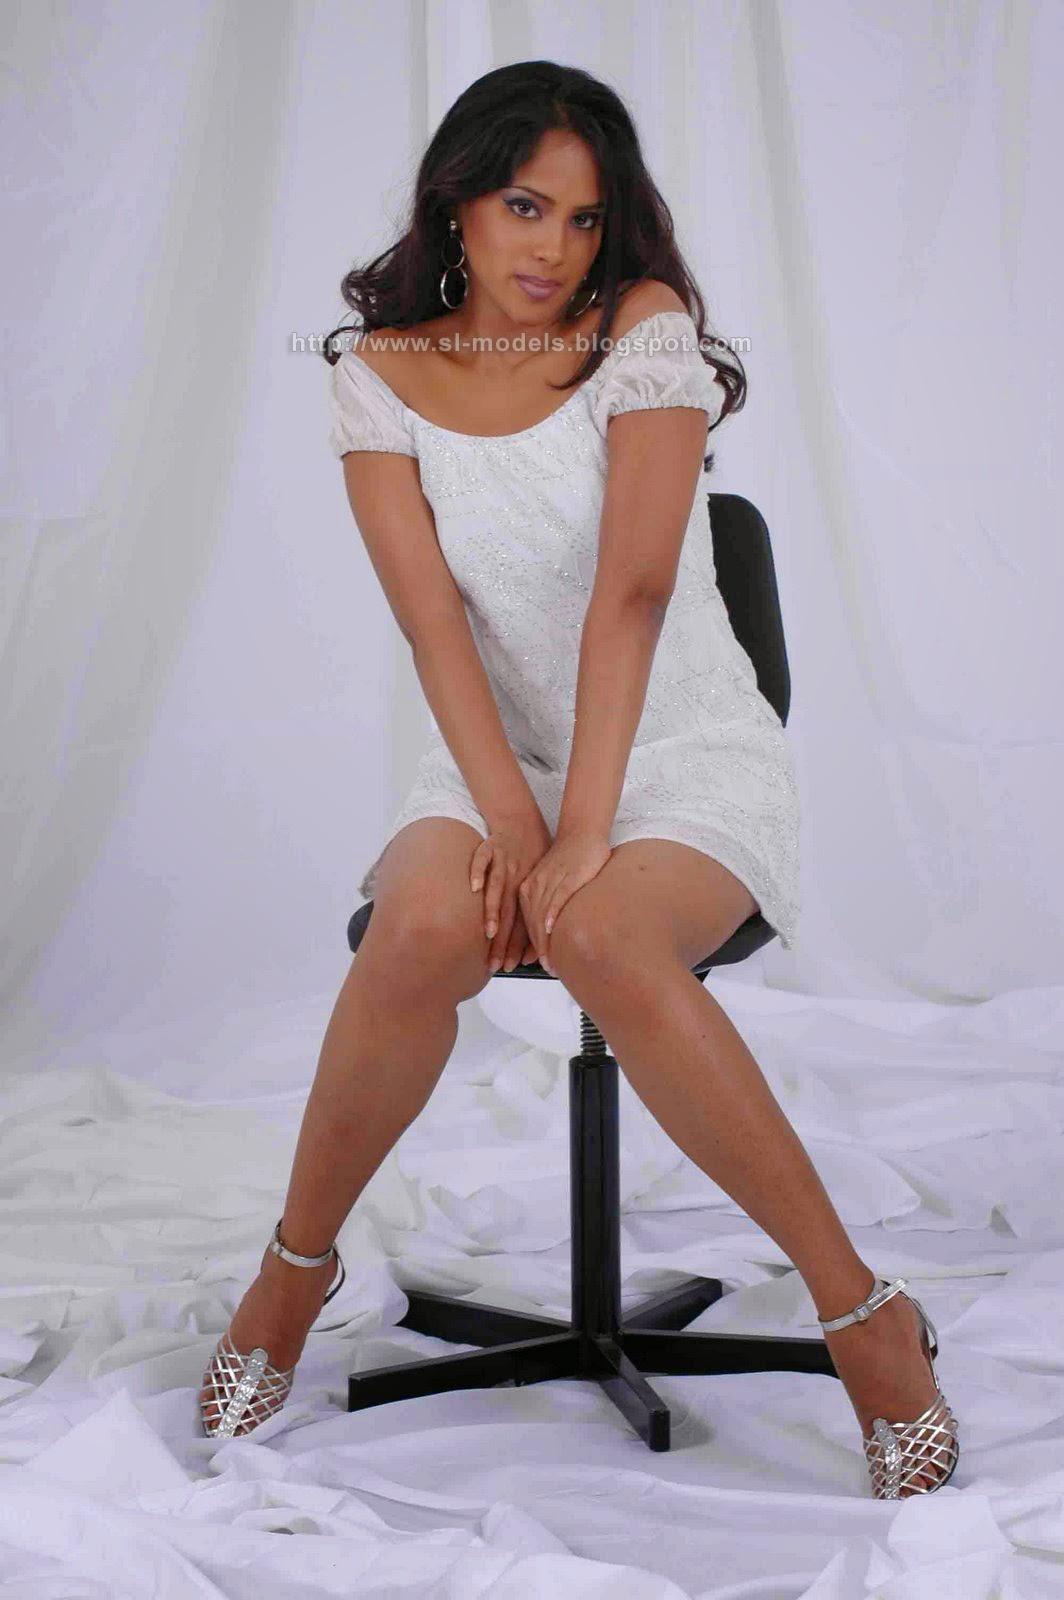 Kishani Alanki hq white legs